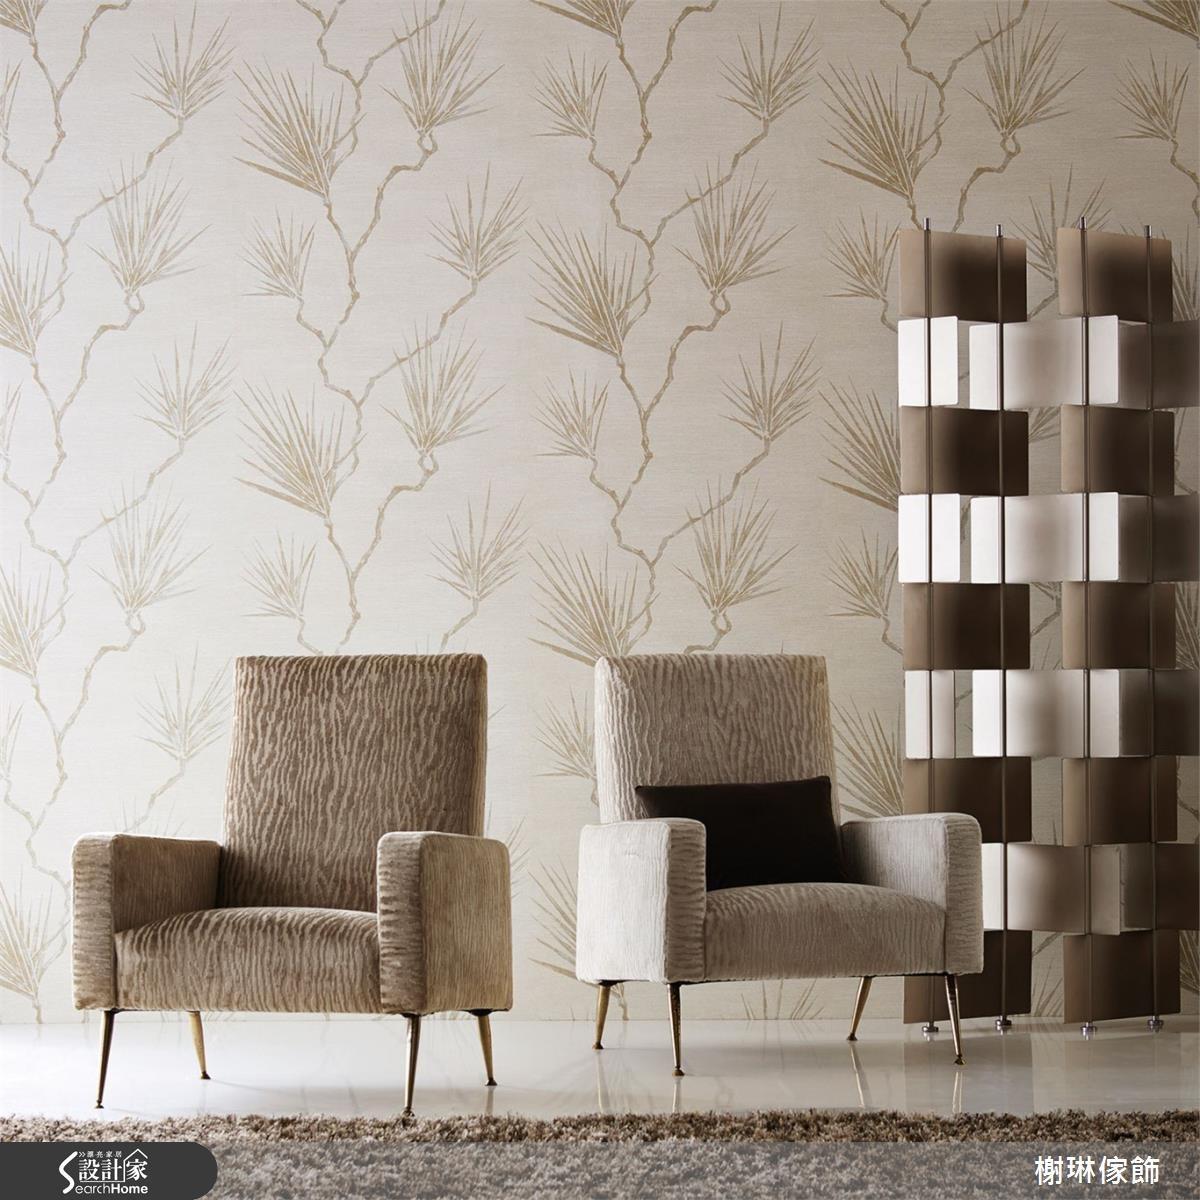 _案例圖片_榭琳傢飾設計公司_榭琳傢飾-窗簾,壁紙,傢俱_ Anthology 1之4